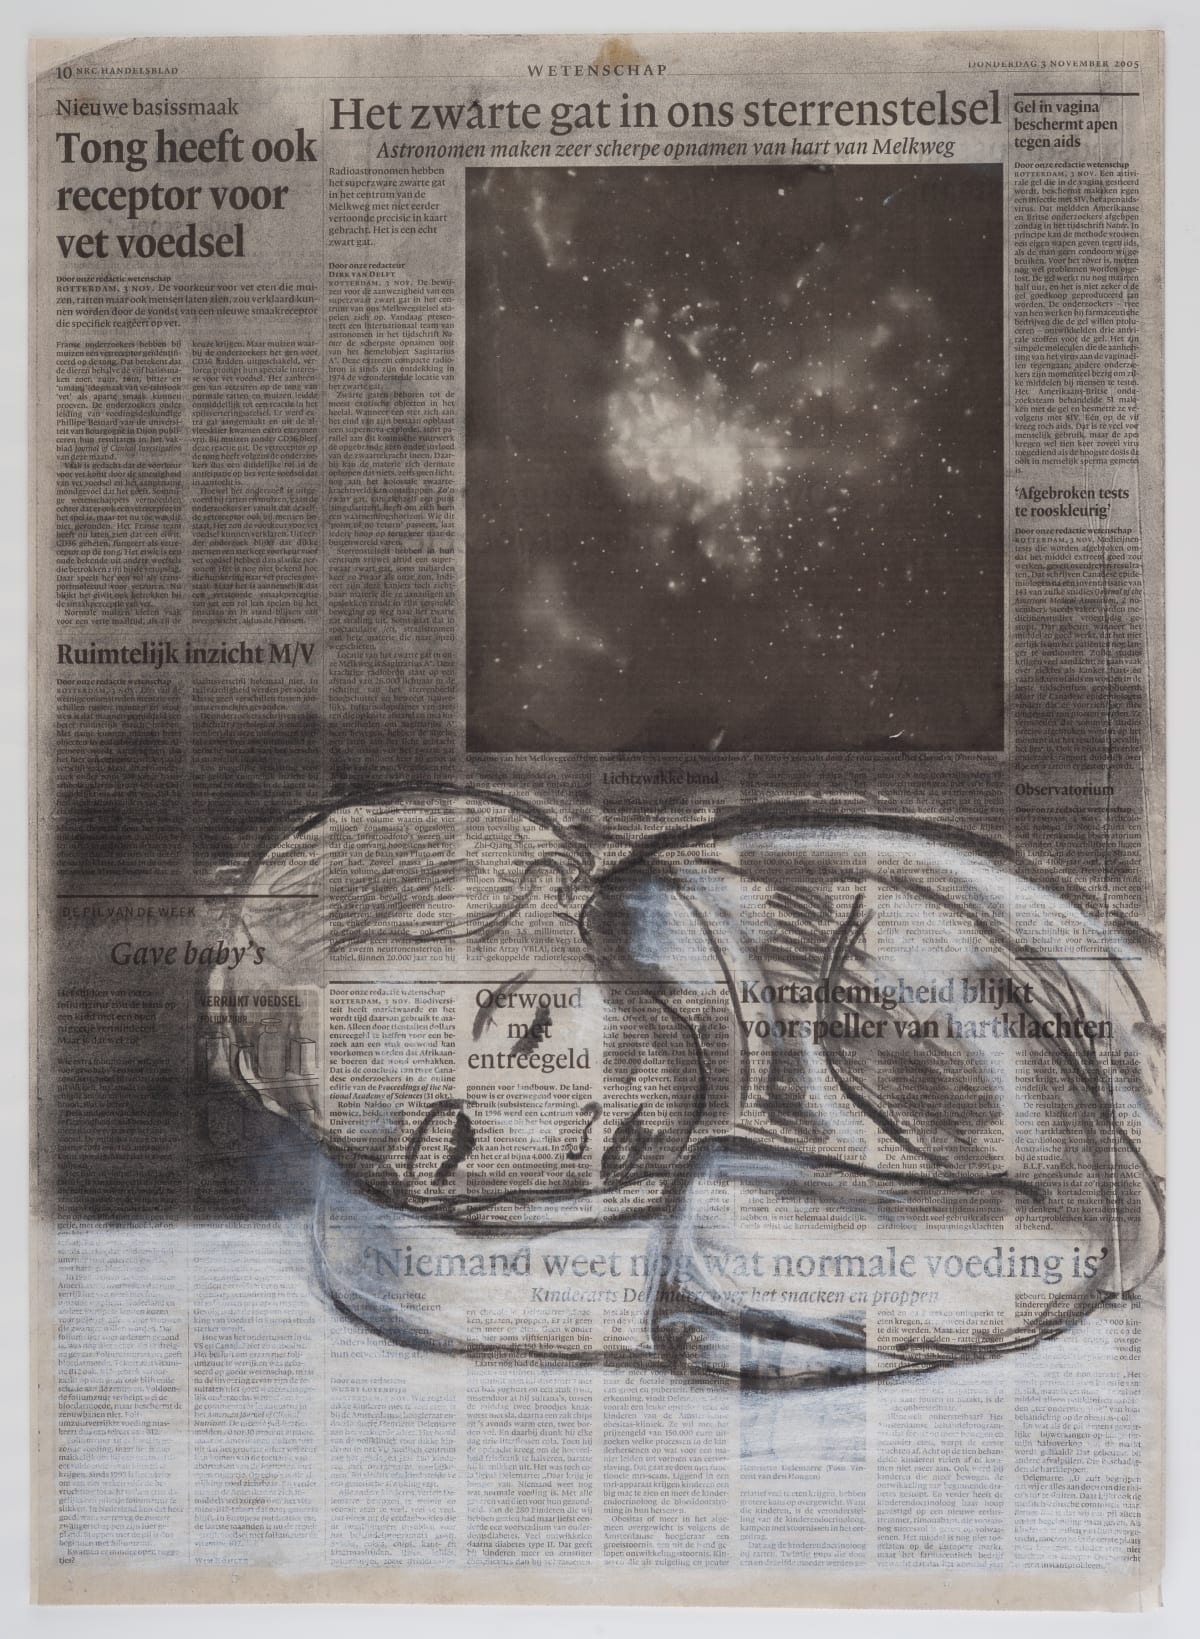 Yvette Taminiau, Black Hole, 2005